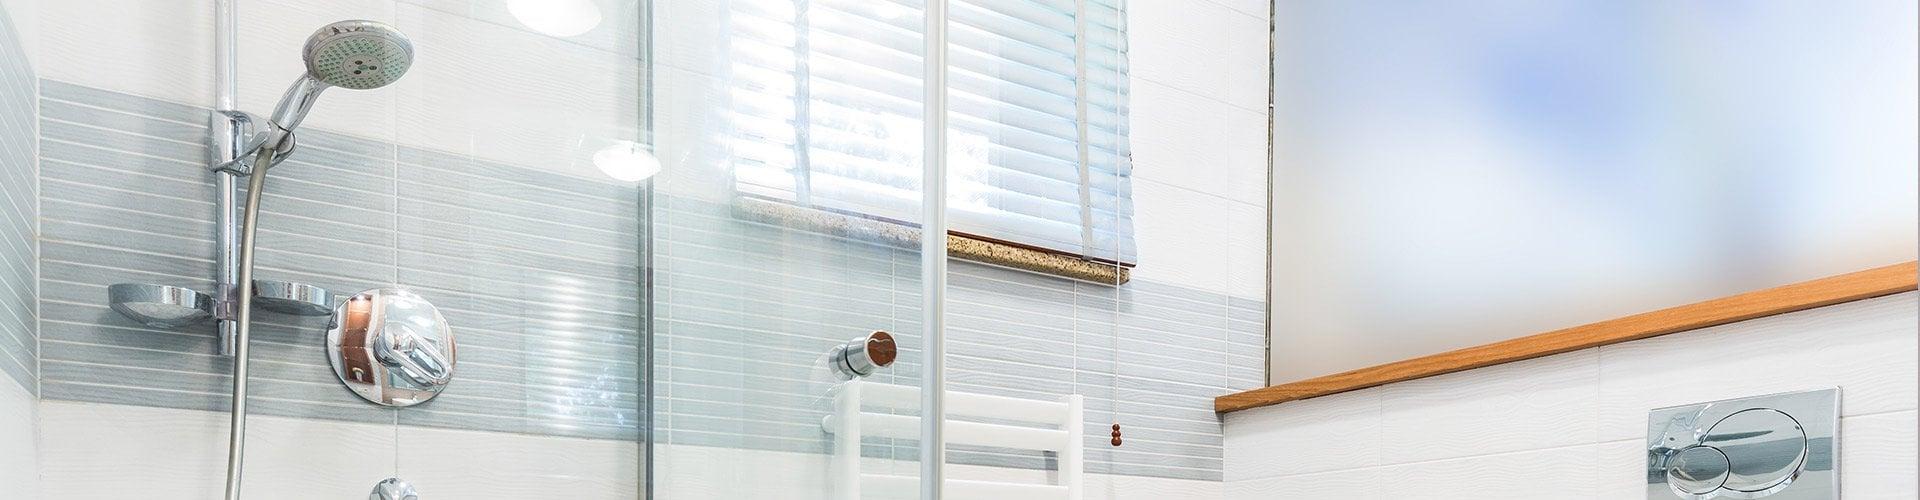 Inredning tätskikt våtrum : Badrumsrenovering Norrköping | Nytt badrum till bra pris